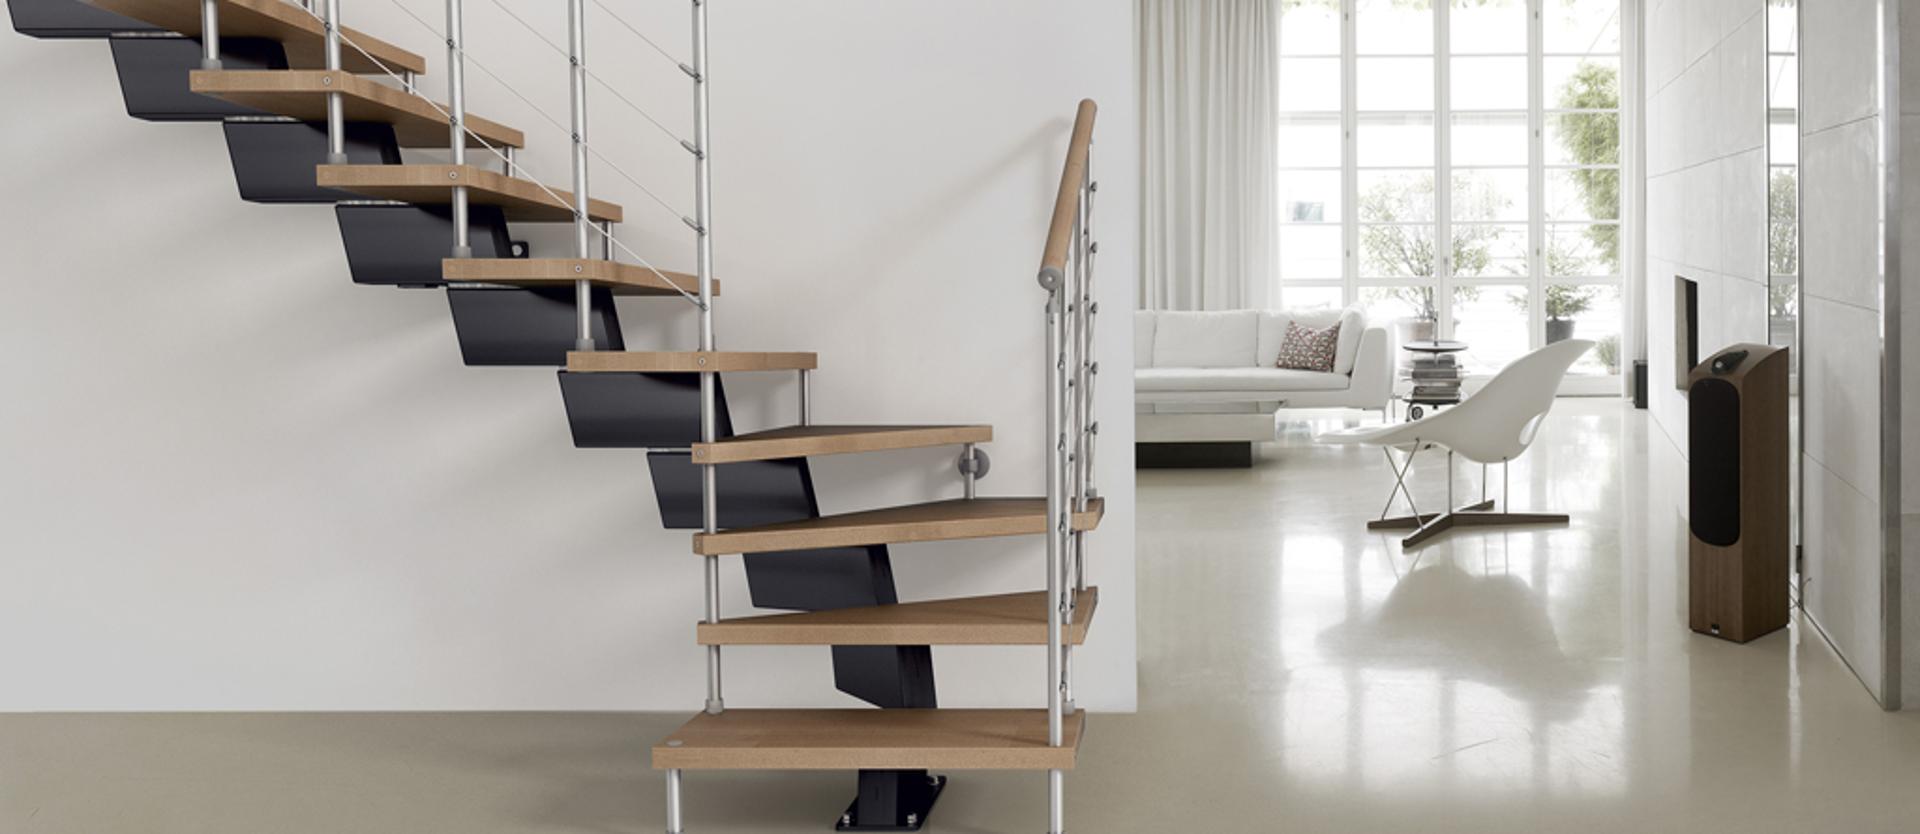 Особенности модульных лестниц из дерева